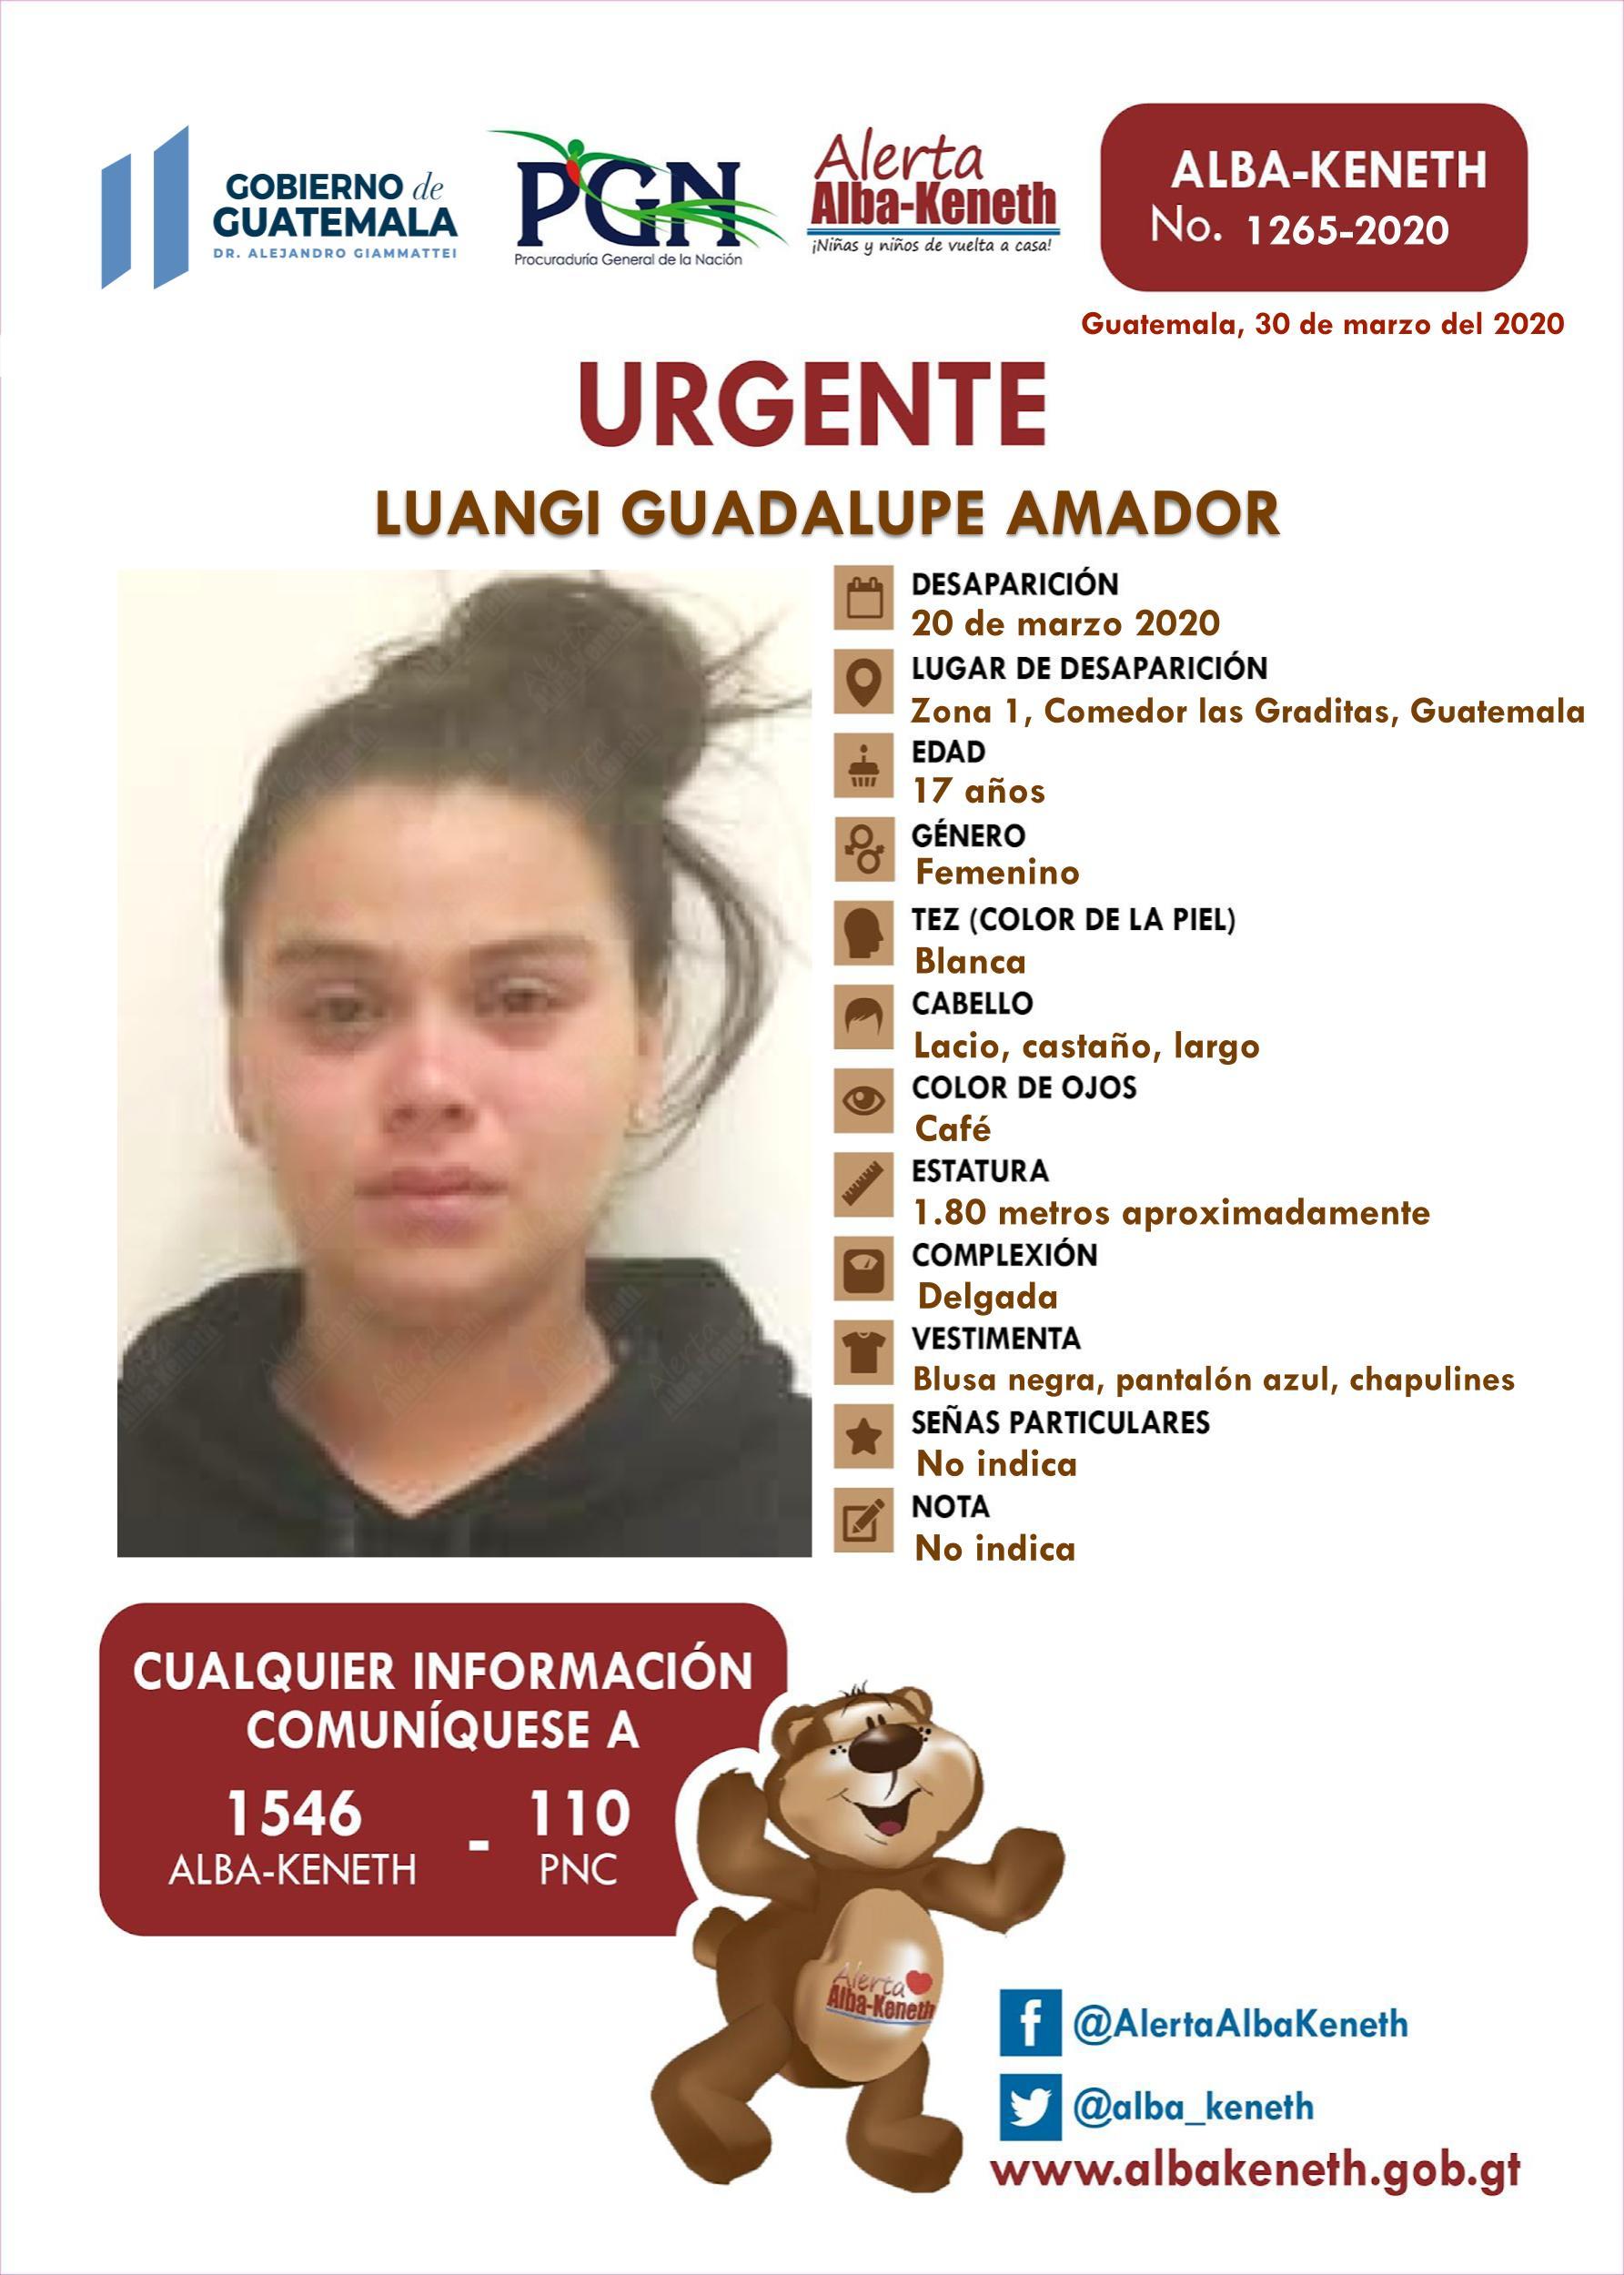 Luangi Guadalupe Amador